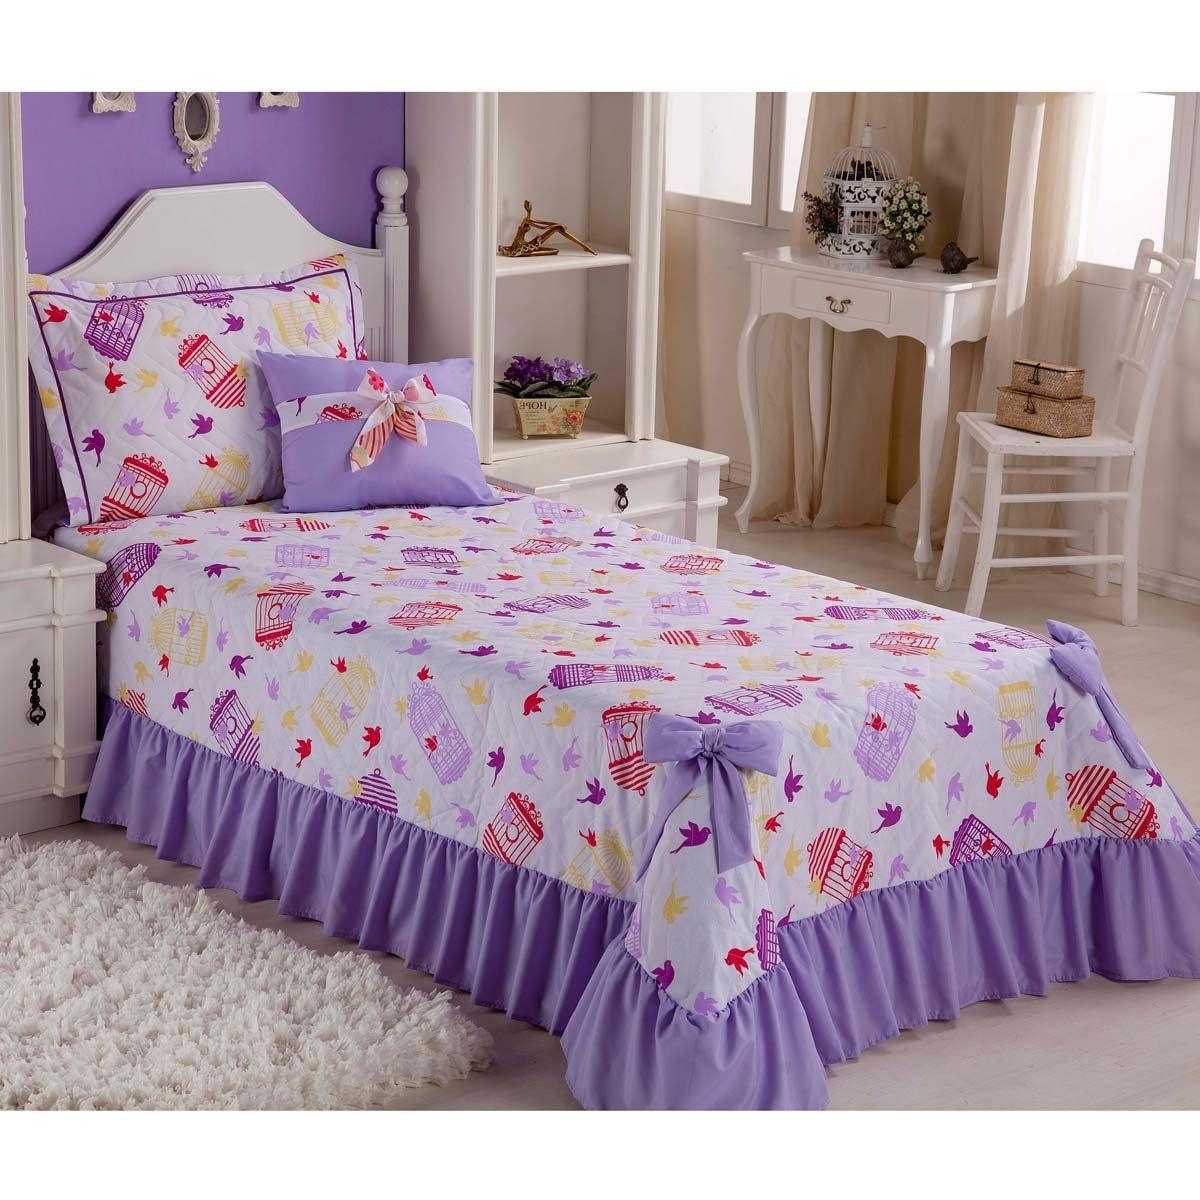 9f4c045a4d Colcha para cama de Solteiro Padrão Laila 3 Peças com Almofada em tecido  estampado Pássaros